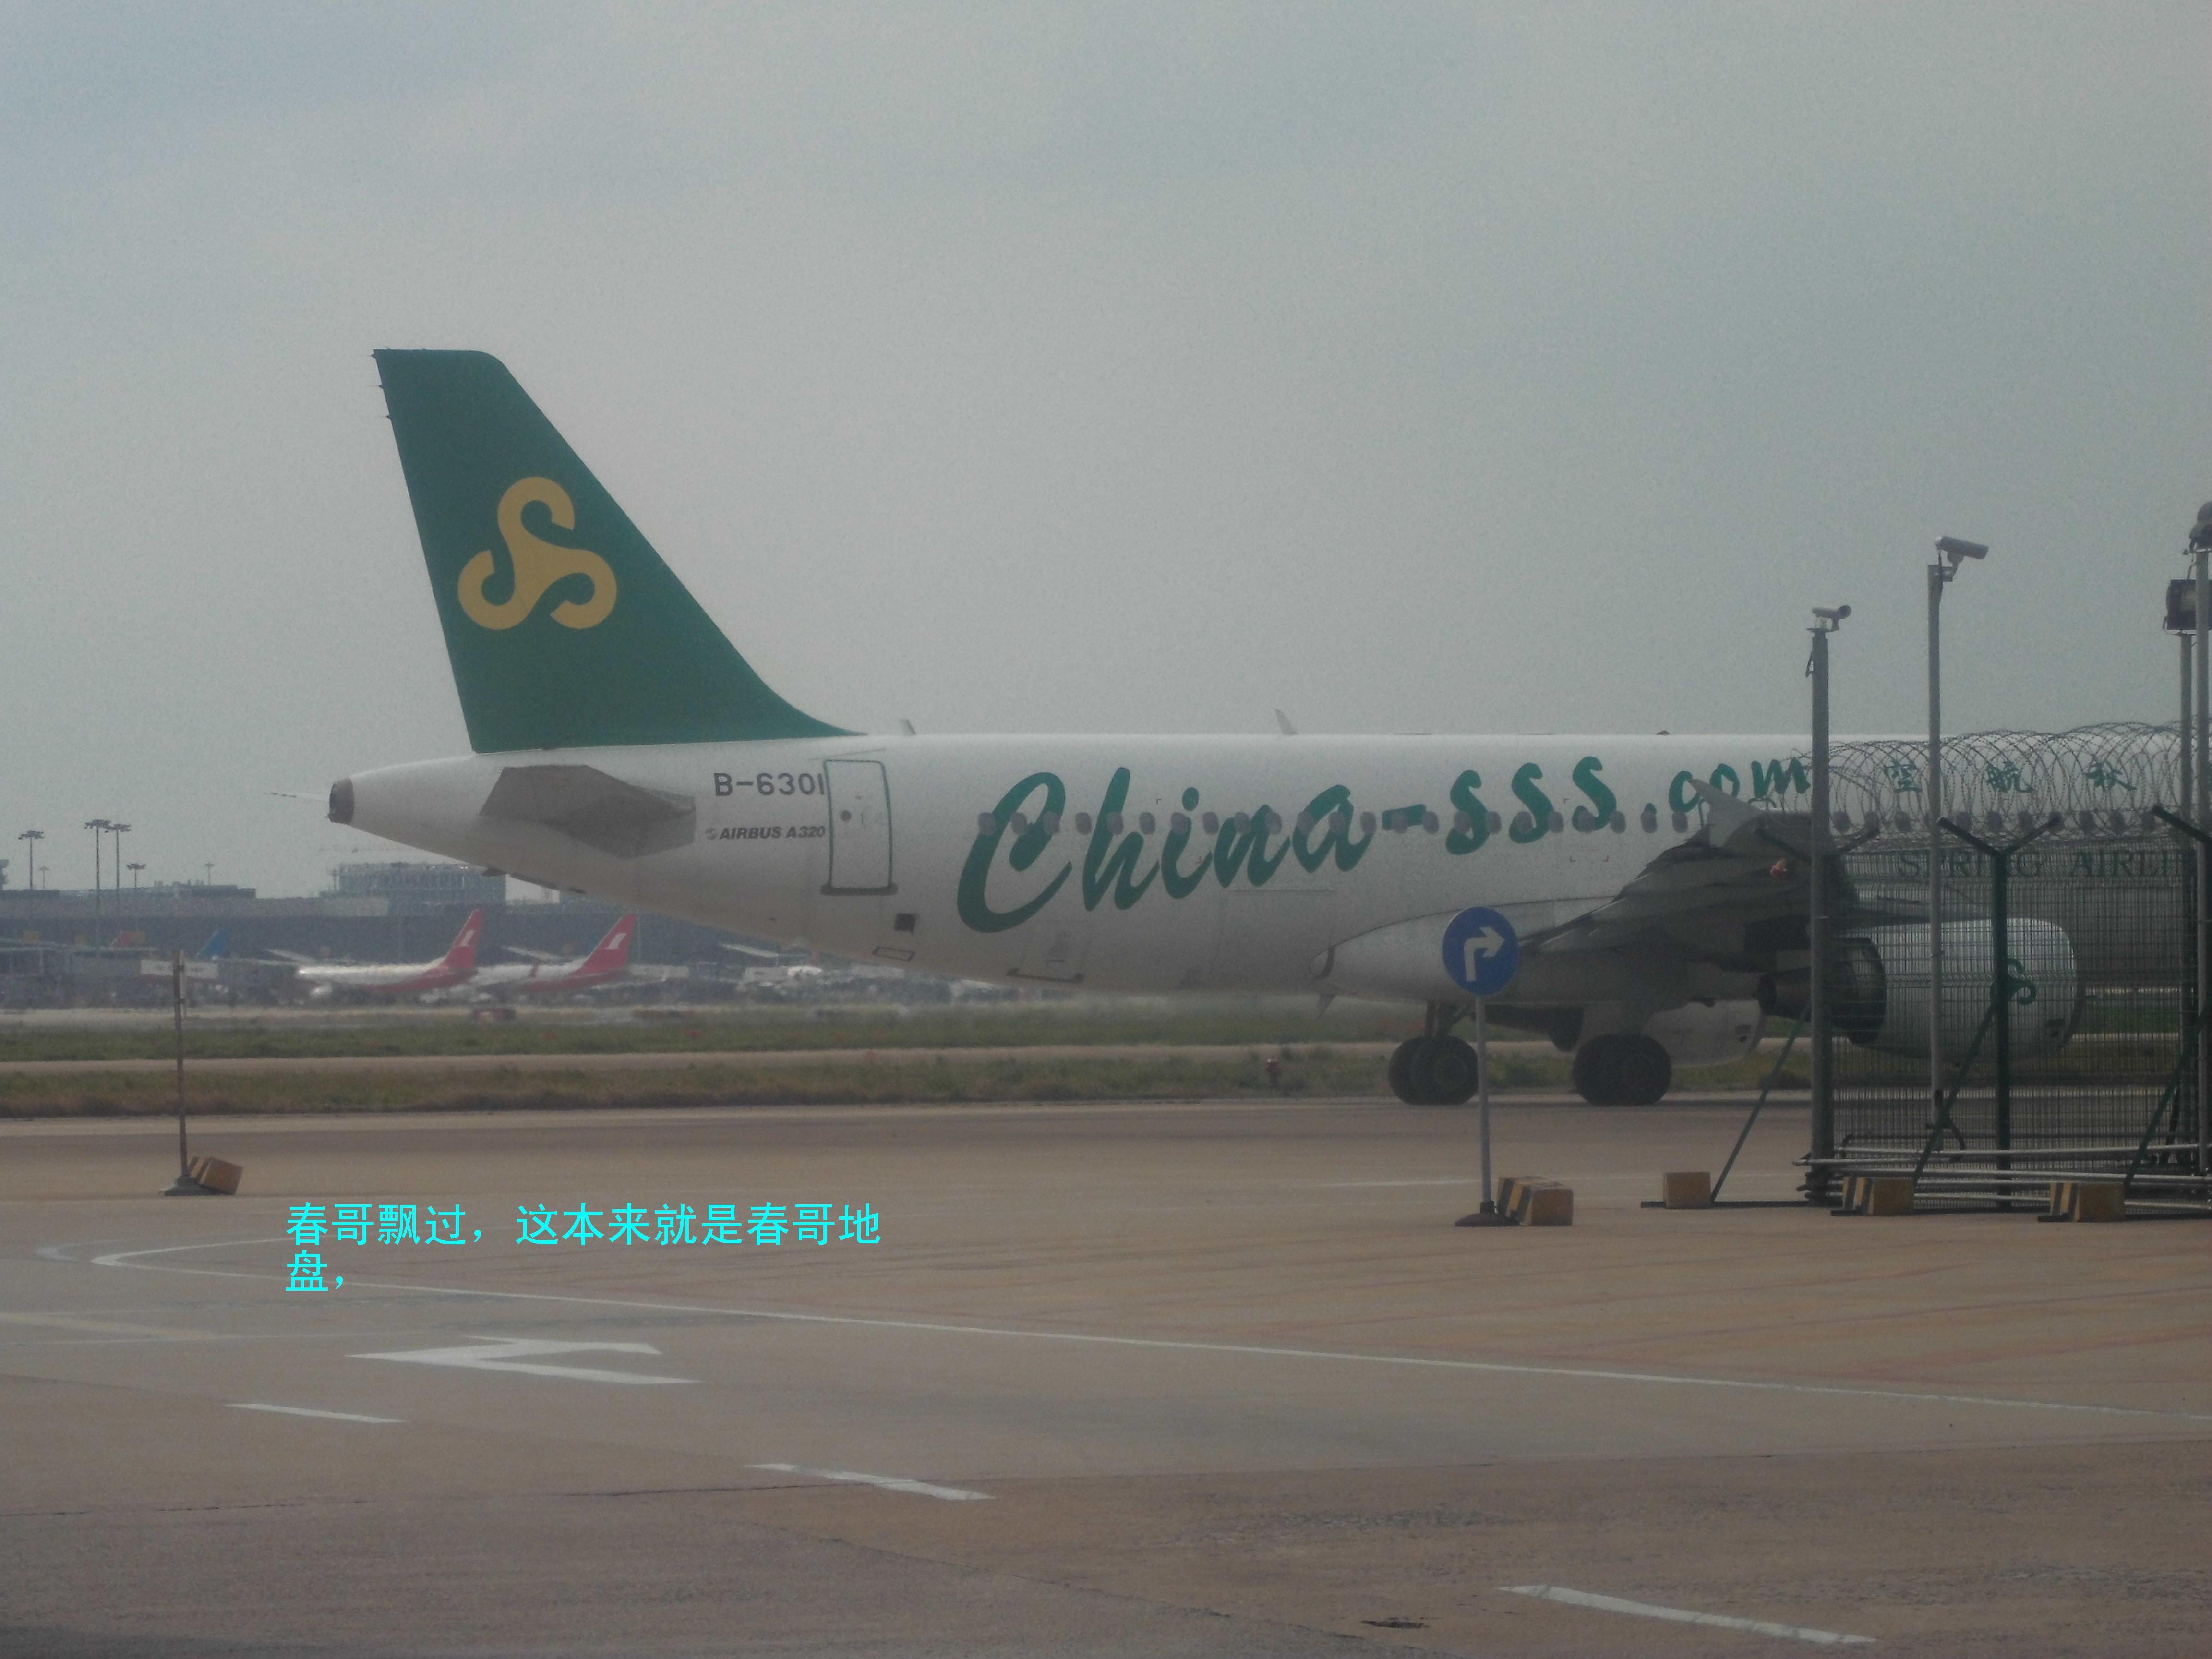 Re:[原创]新手第一帖(送女儿上大学)照片太大不知道怎样缩小,请各位看官自己缩小到25%欣赏 AIRBUS A320 B6301 候机室